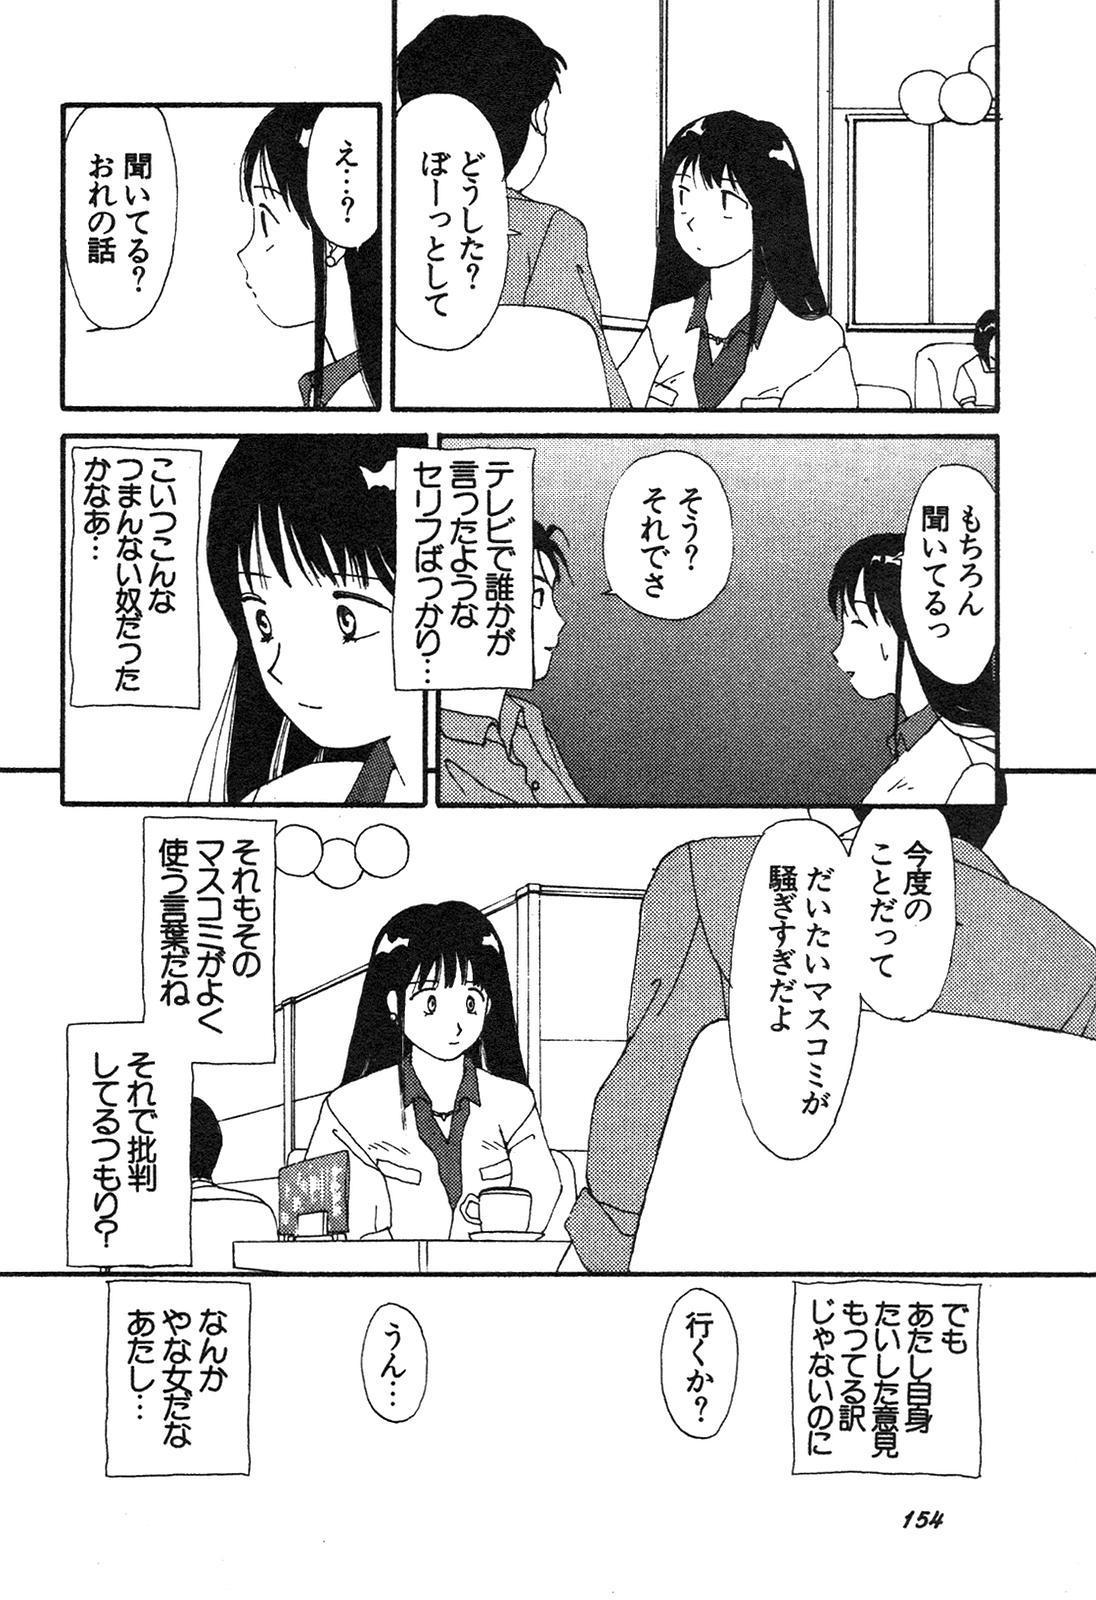 Shin Bishoujo Shoukougun 3 Yamato hen 154